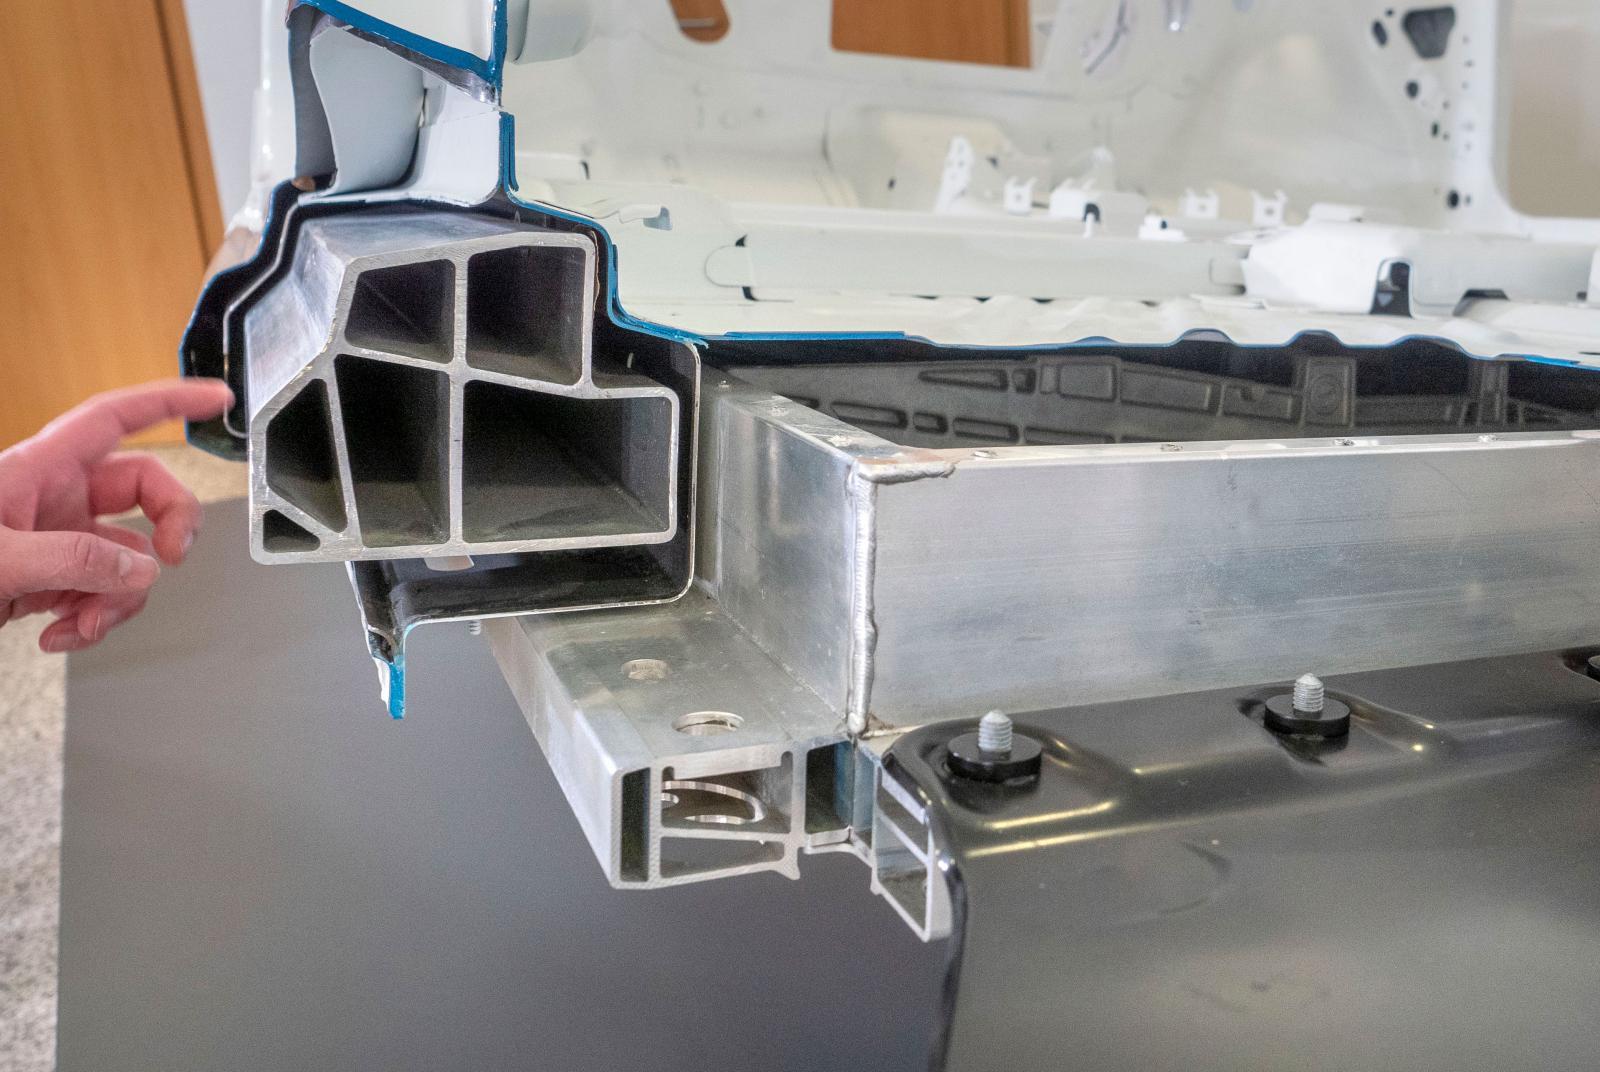 MEB-plattformen har fått tröskelbalkar i aluminium för att kunna skydda batteriet vid en sidokrock och kompensera för batteriets höga vikt. Lösningen, som Volkswagen kallar för hybridtrösklar, består av strängpressad aluminium omgärdat av höghållfast stål med en yta av aluminiumsilikon. Karossen är därefter doppad i elektrolytbad med efterföljande vaxbehandling. Foto: Stefan Nilsson